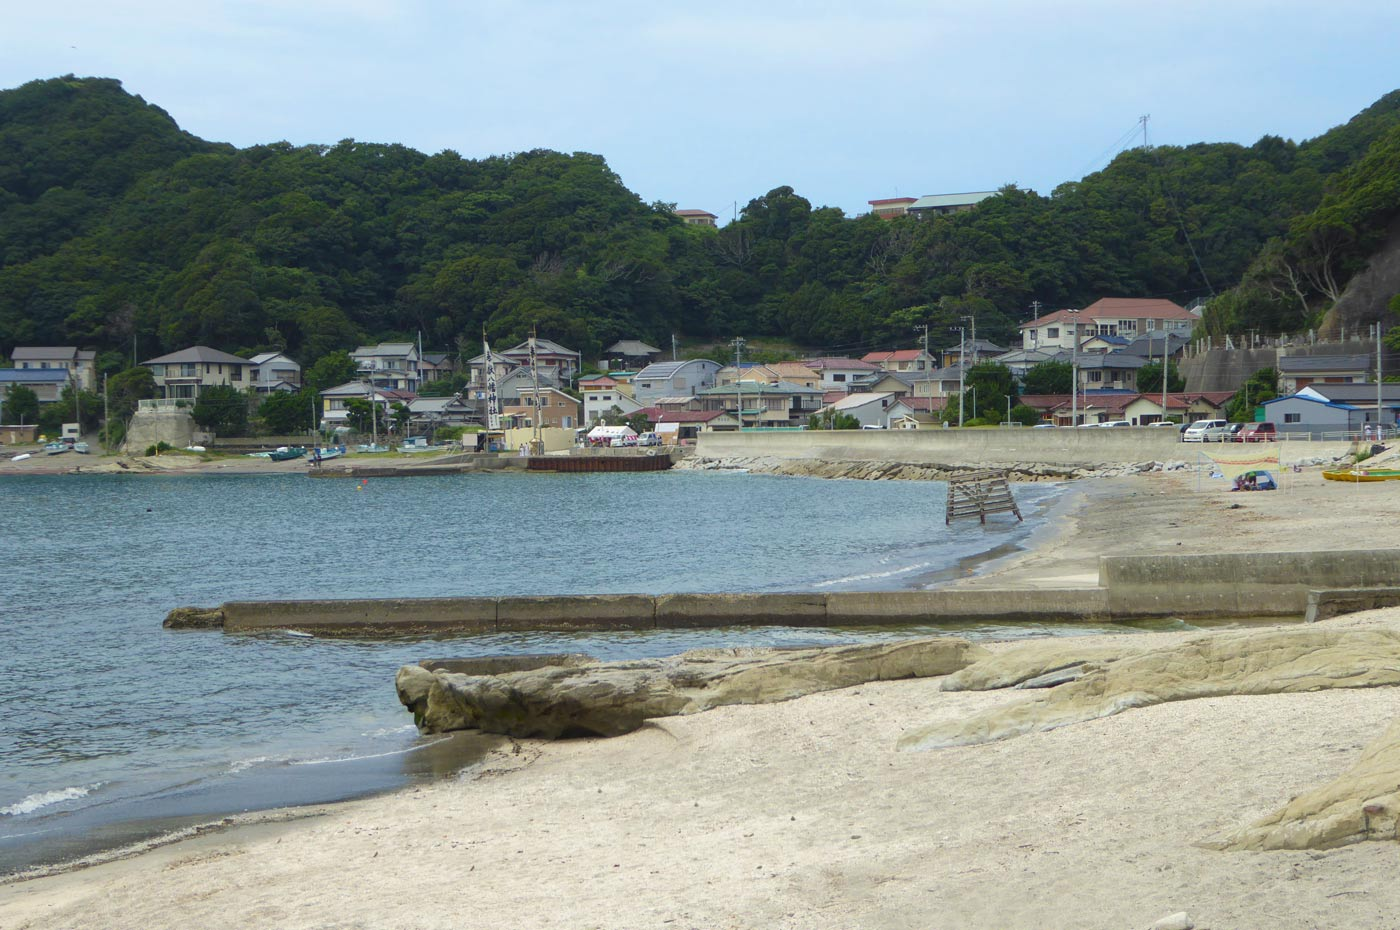 豊岡海水浴場の貸しボートと海の家の画像